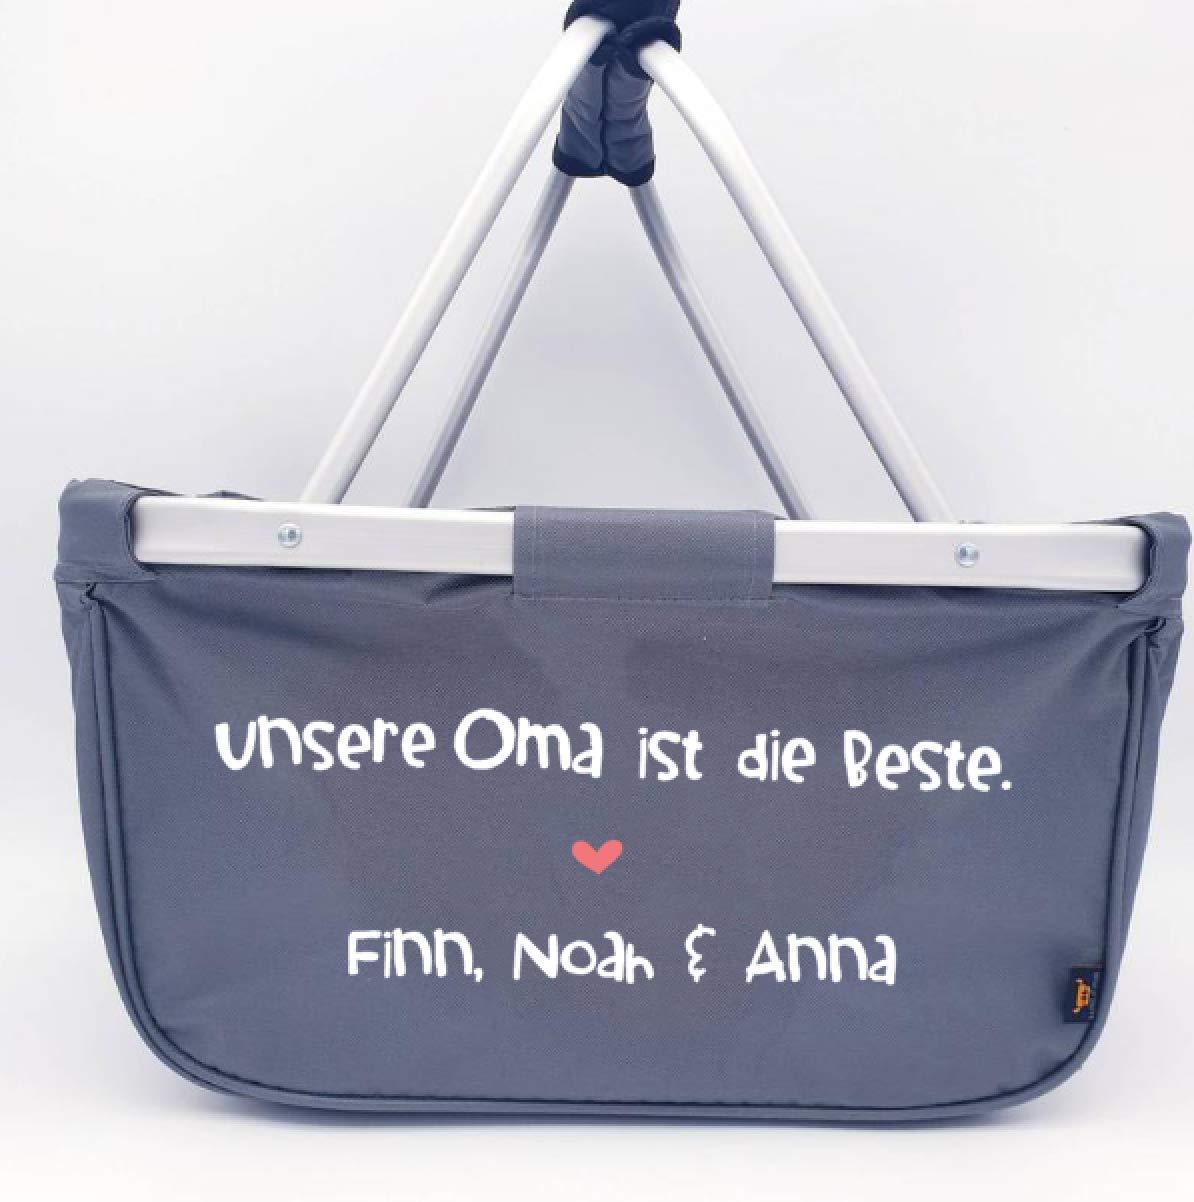 Einkaufskorb Meine Oma ist die Beste faltbar Geschenk f/ür die Oma Farbe grau auch personalisiert